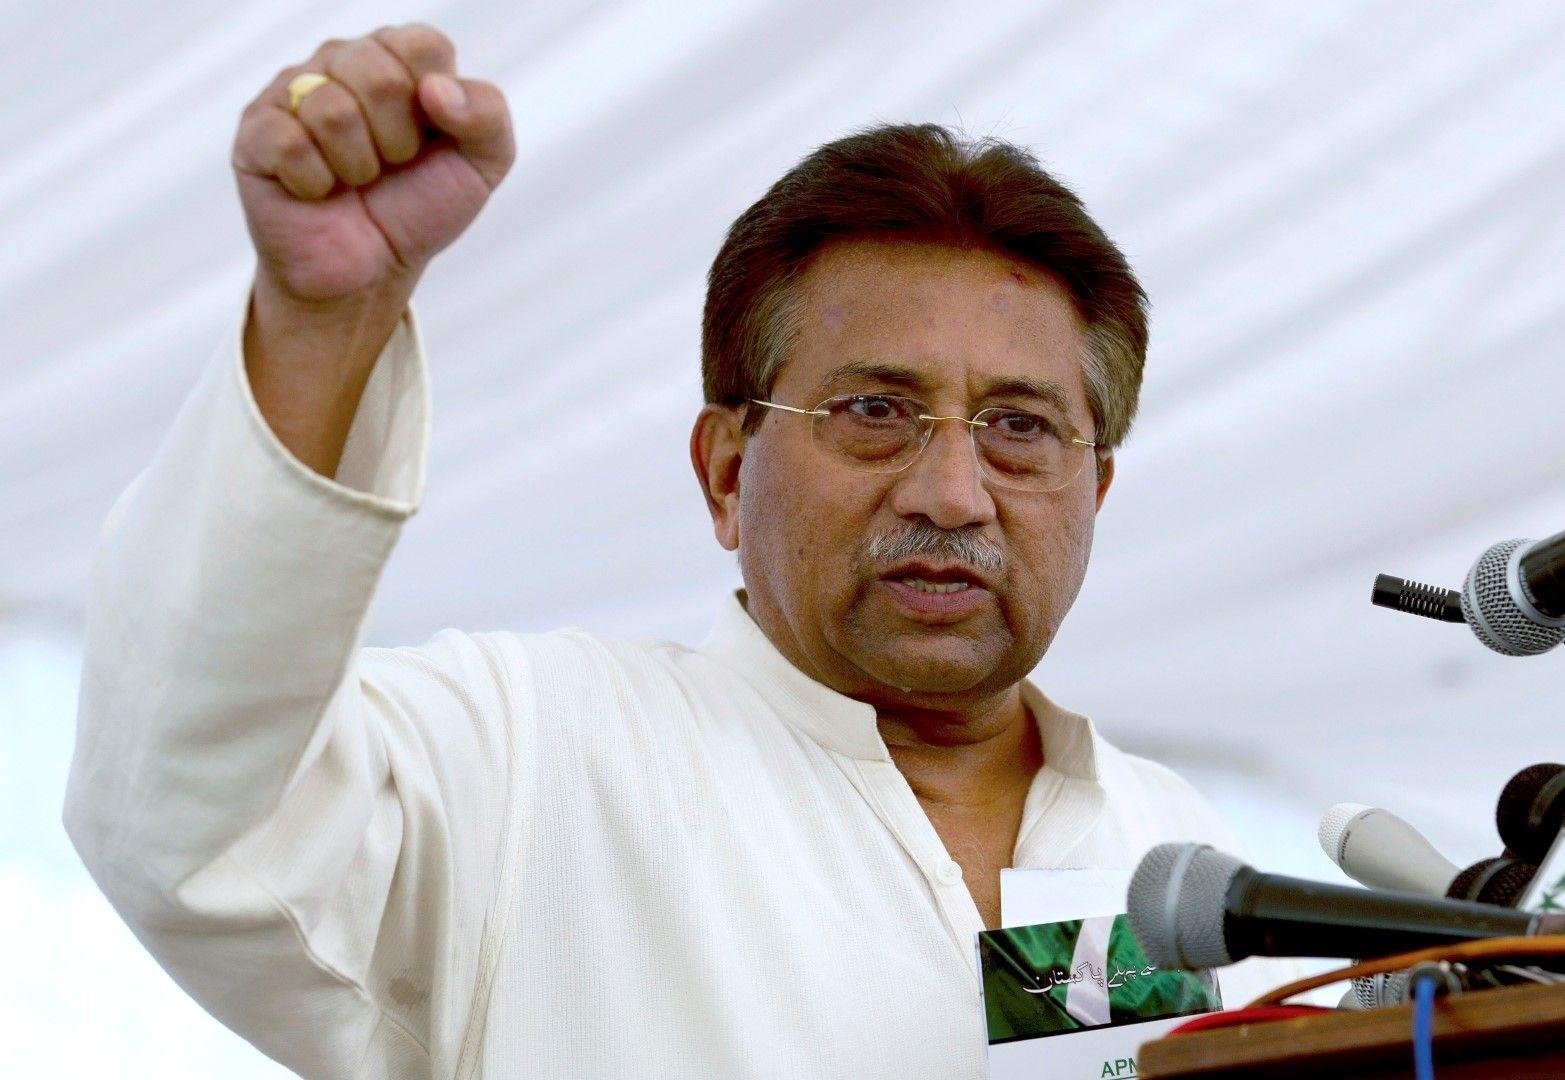 Первес Мушараф - бивш президент и военен лидер на Пакистан ( архив, 15 април 2013)